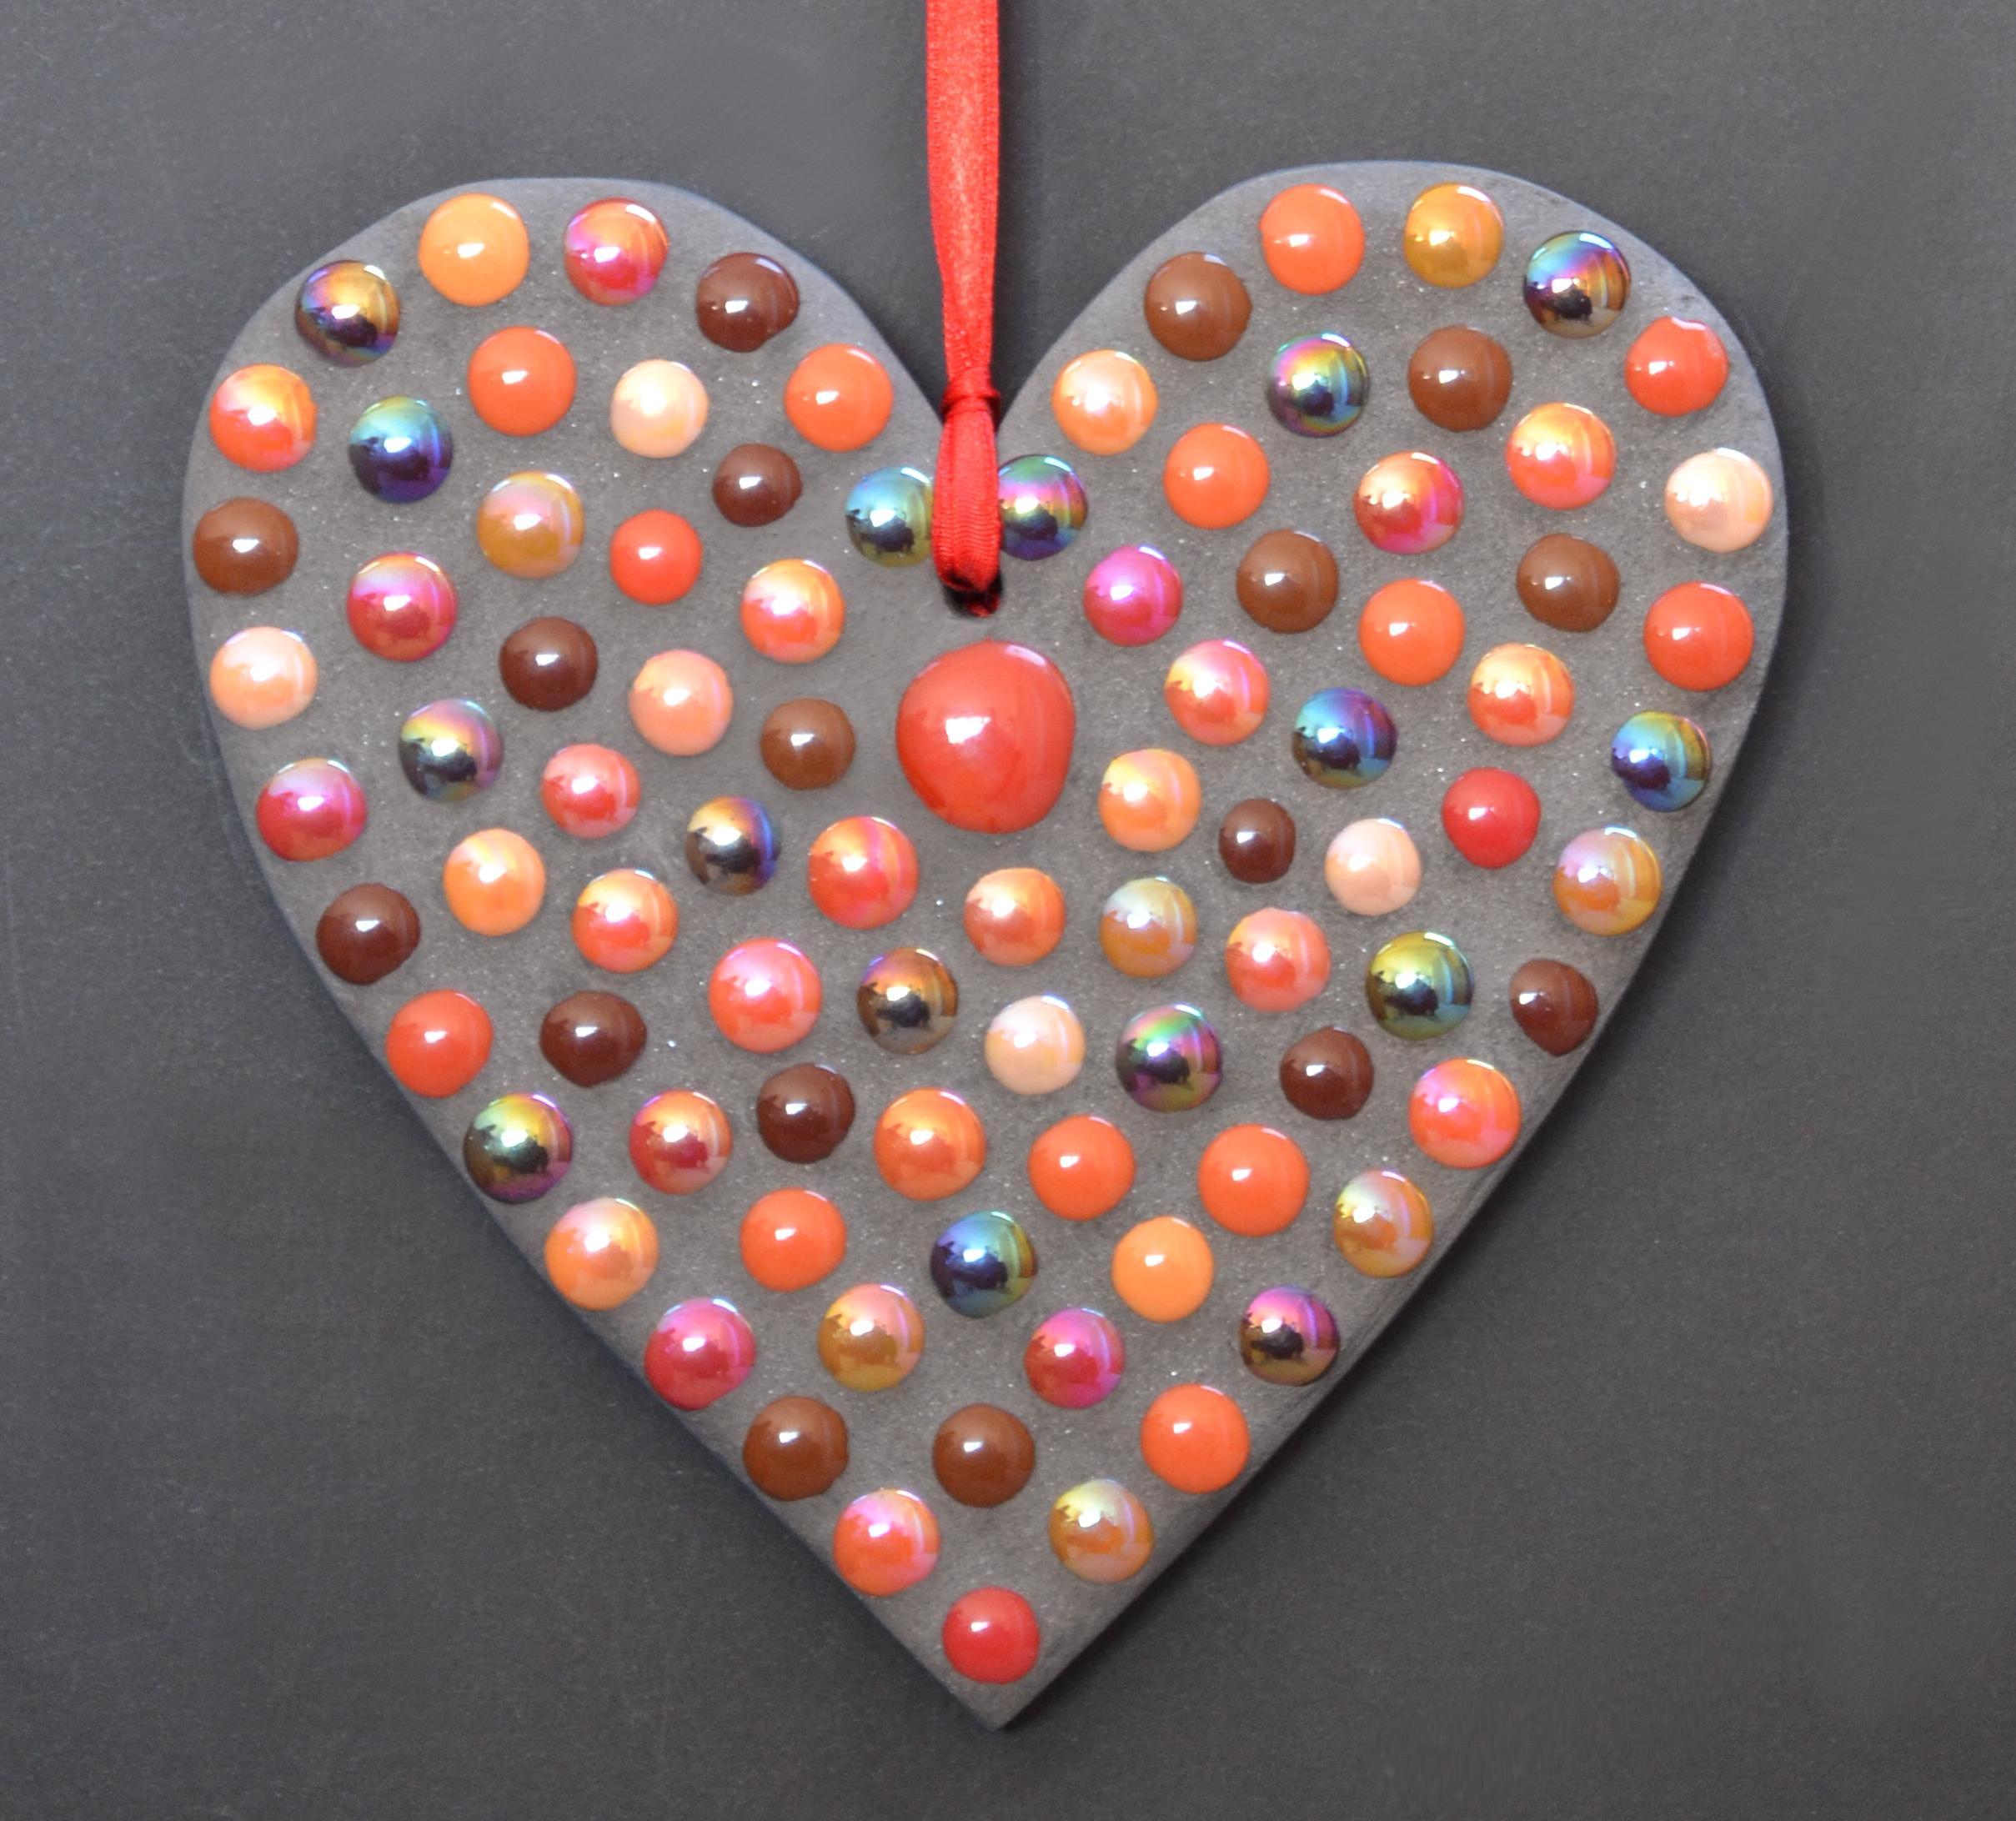 Heart smartie crop